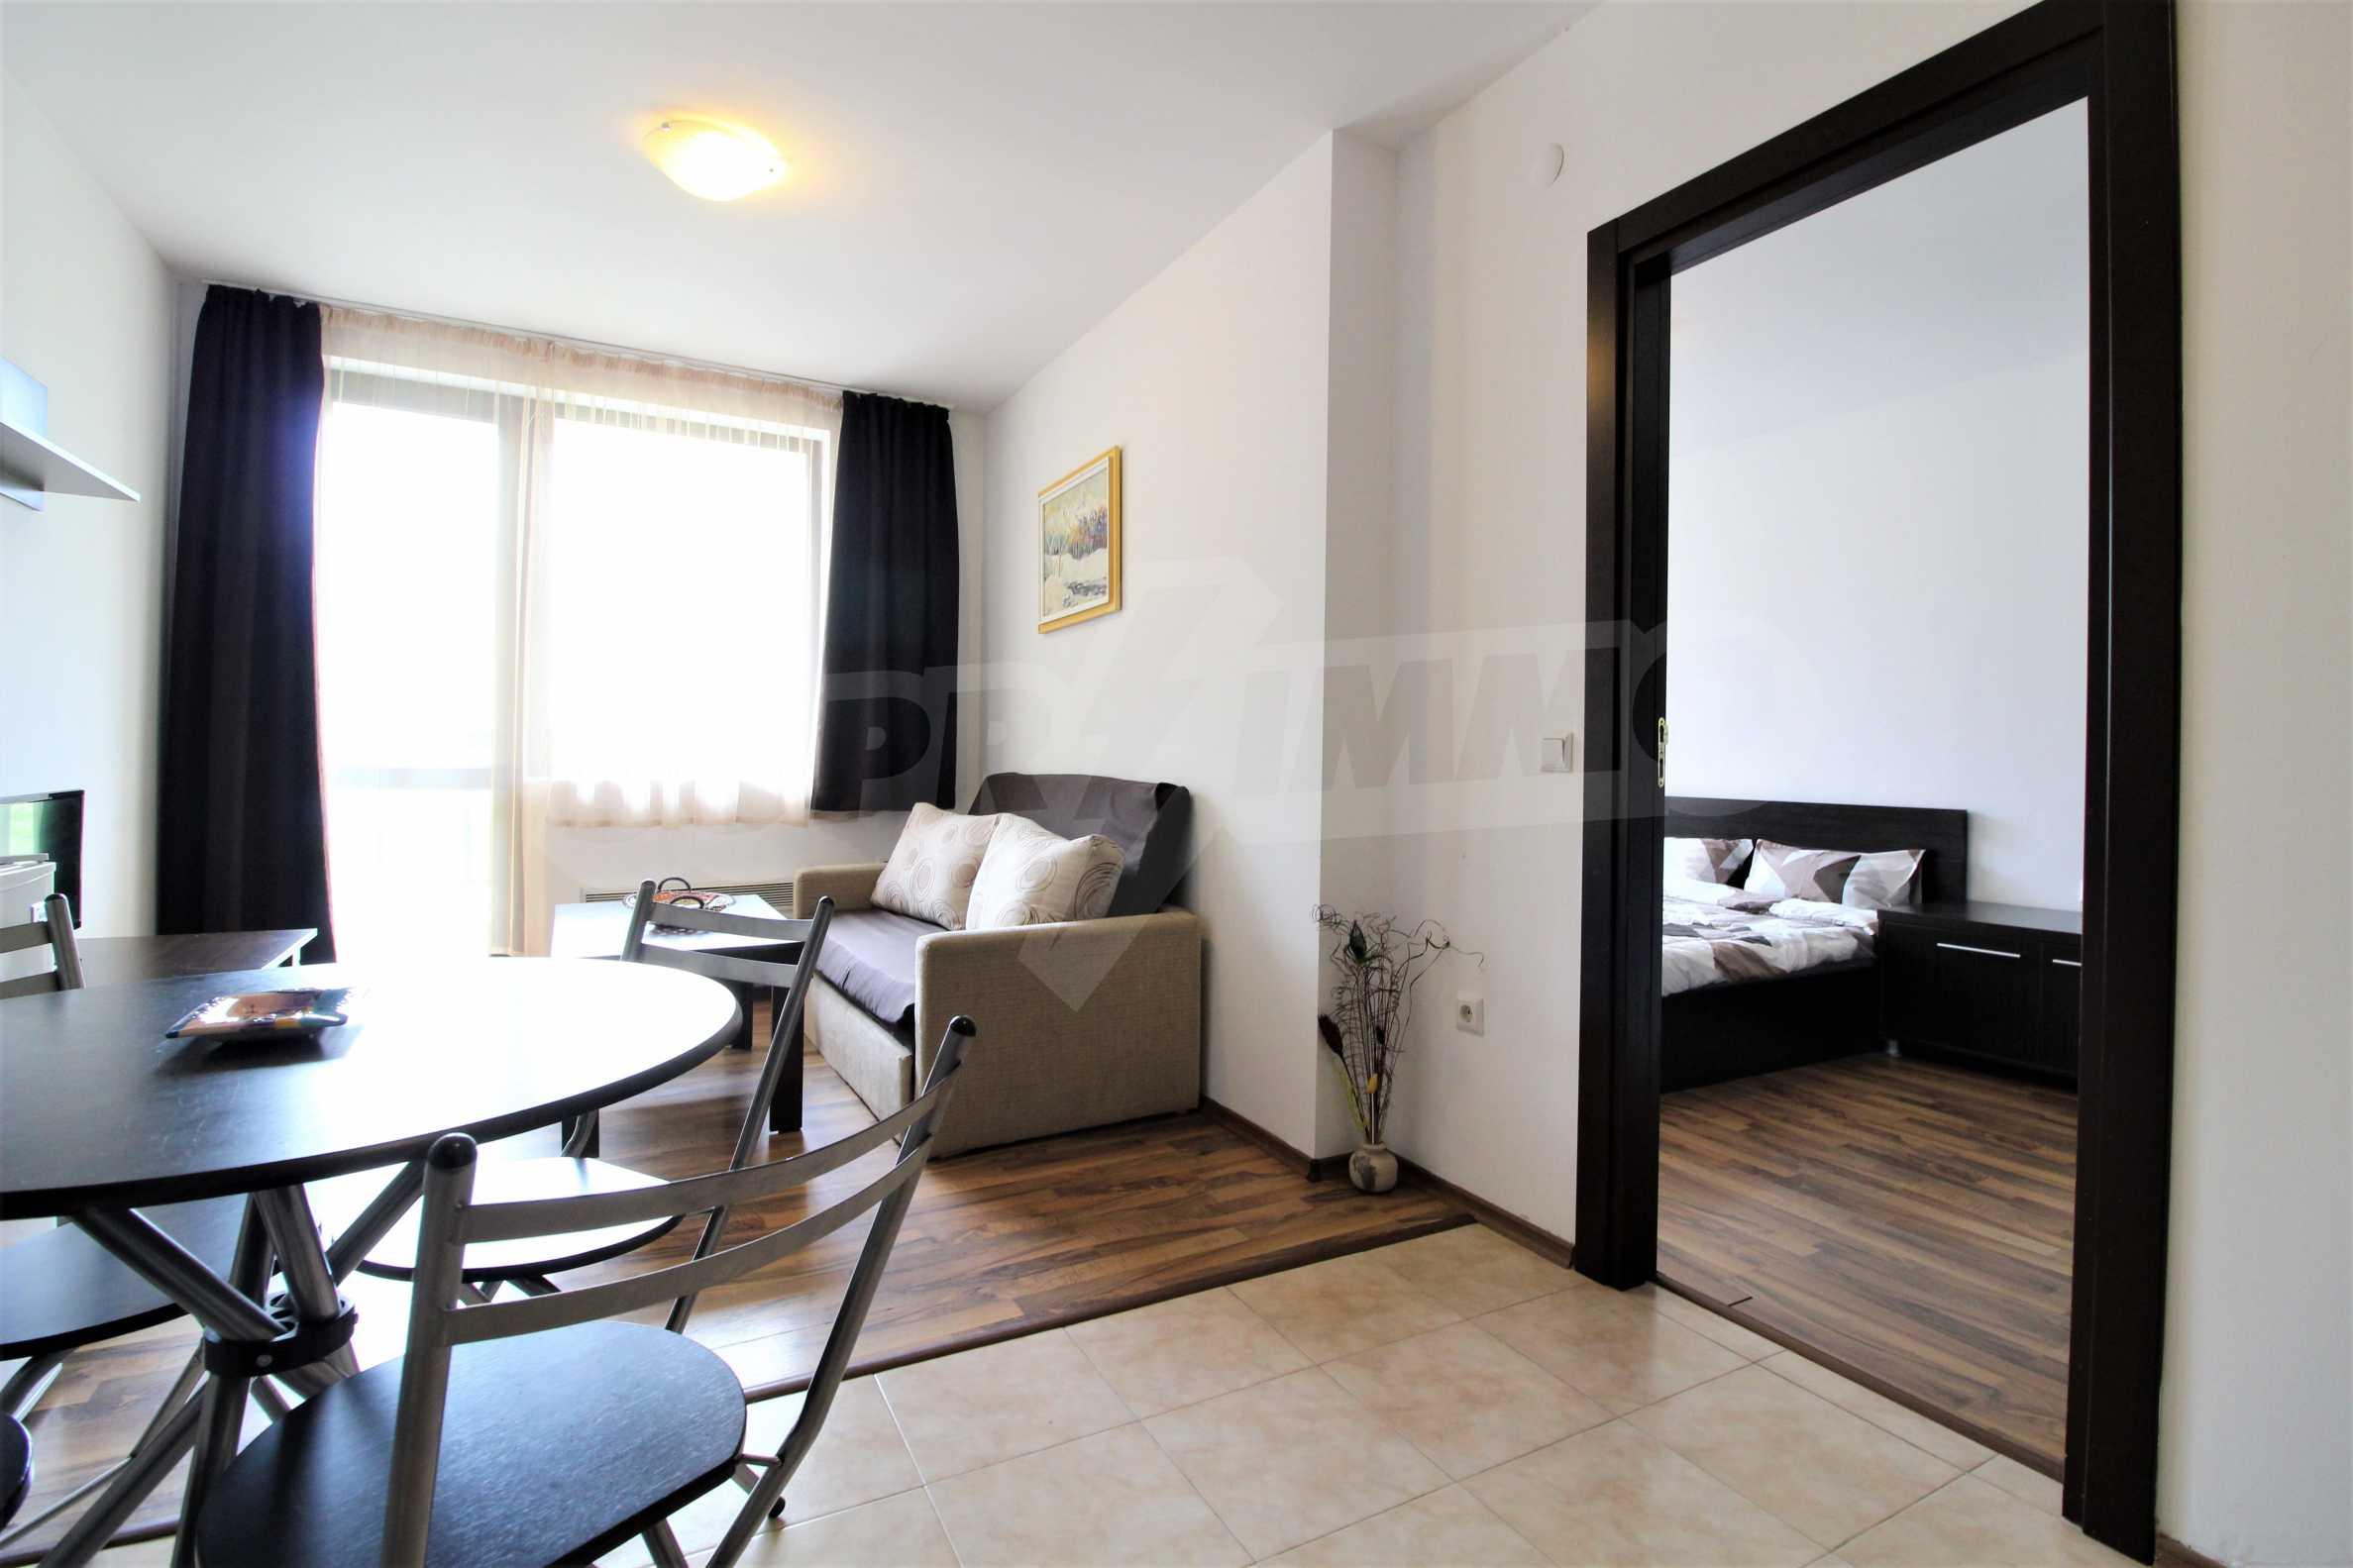 Обзаведен двустаен апартамент, разположен в СПА комплекс Мария Антоанета, само на метри от ски лифта в Банско 7